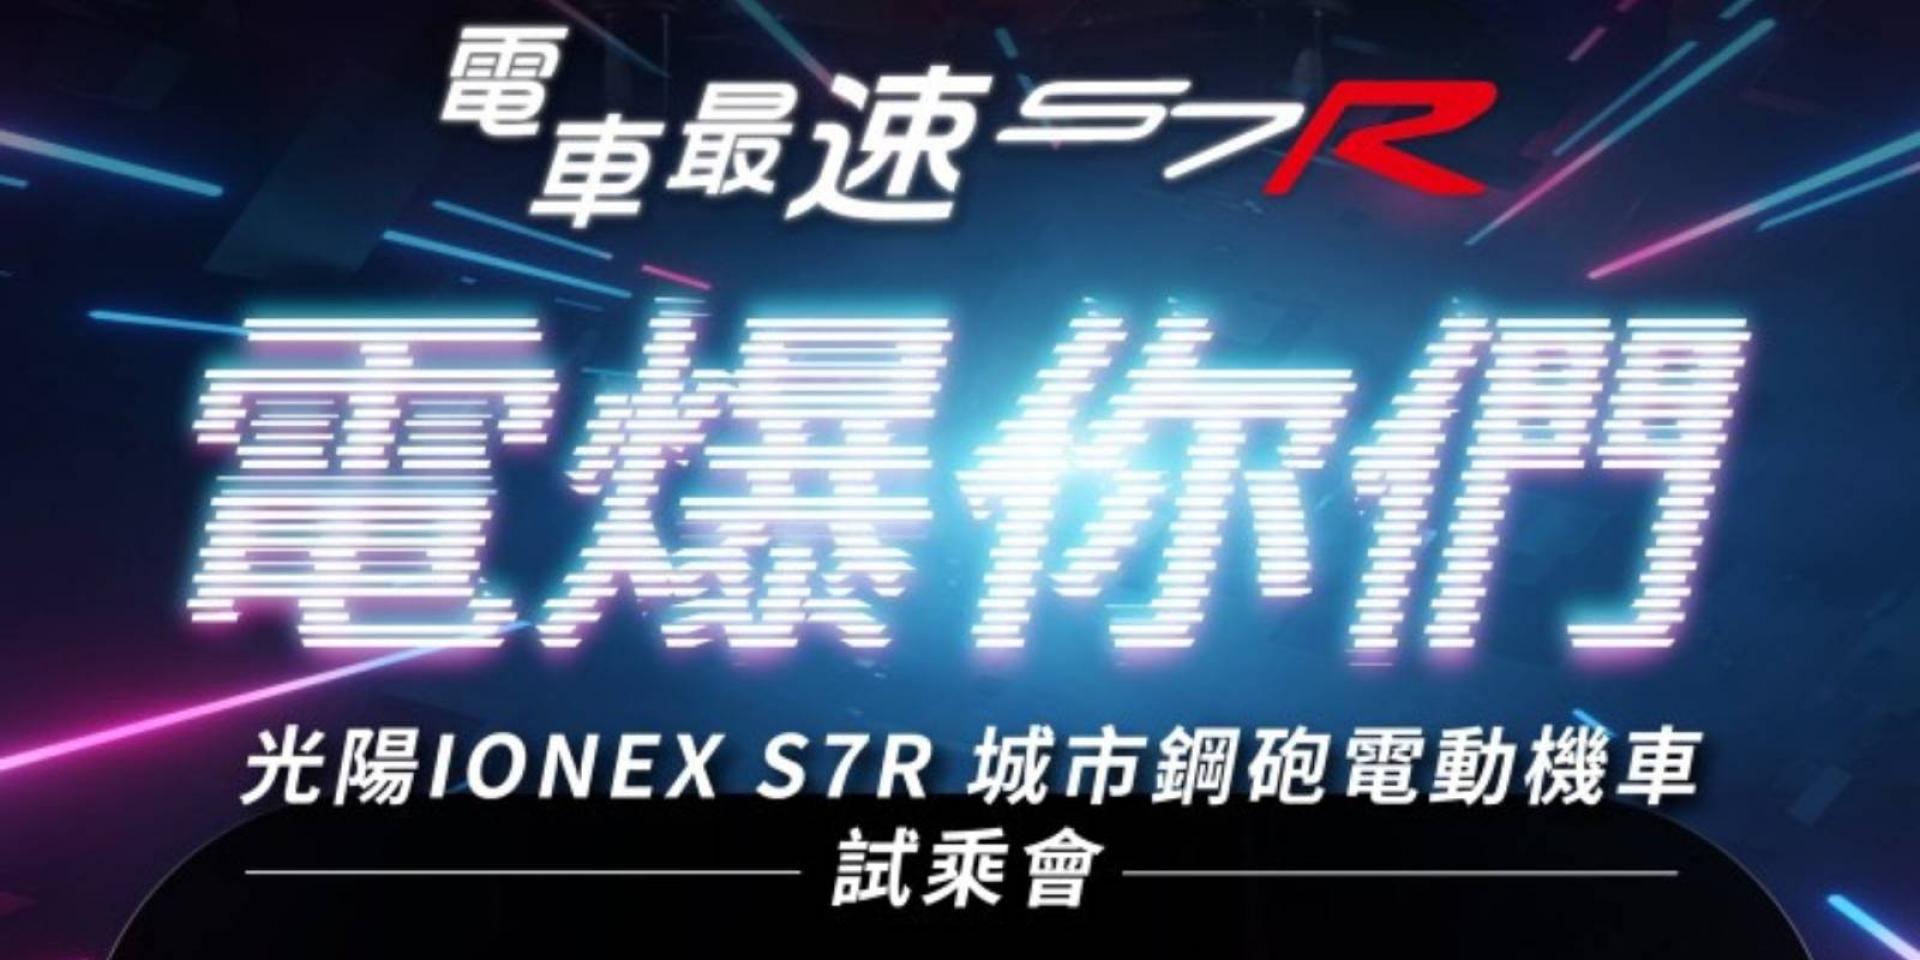 最速電車 電爆你們 ! 光陽IONEX S7R免費試乘 號召熱血騎士10/30、31相聚桃園大魯閣 買電動車趁現在,政府加碼補助創新高